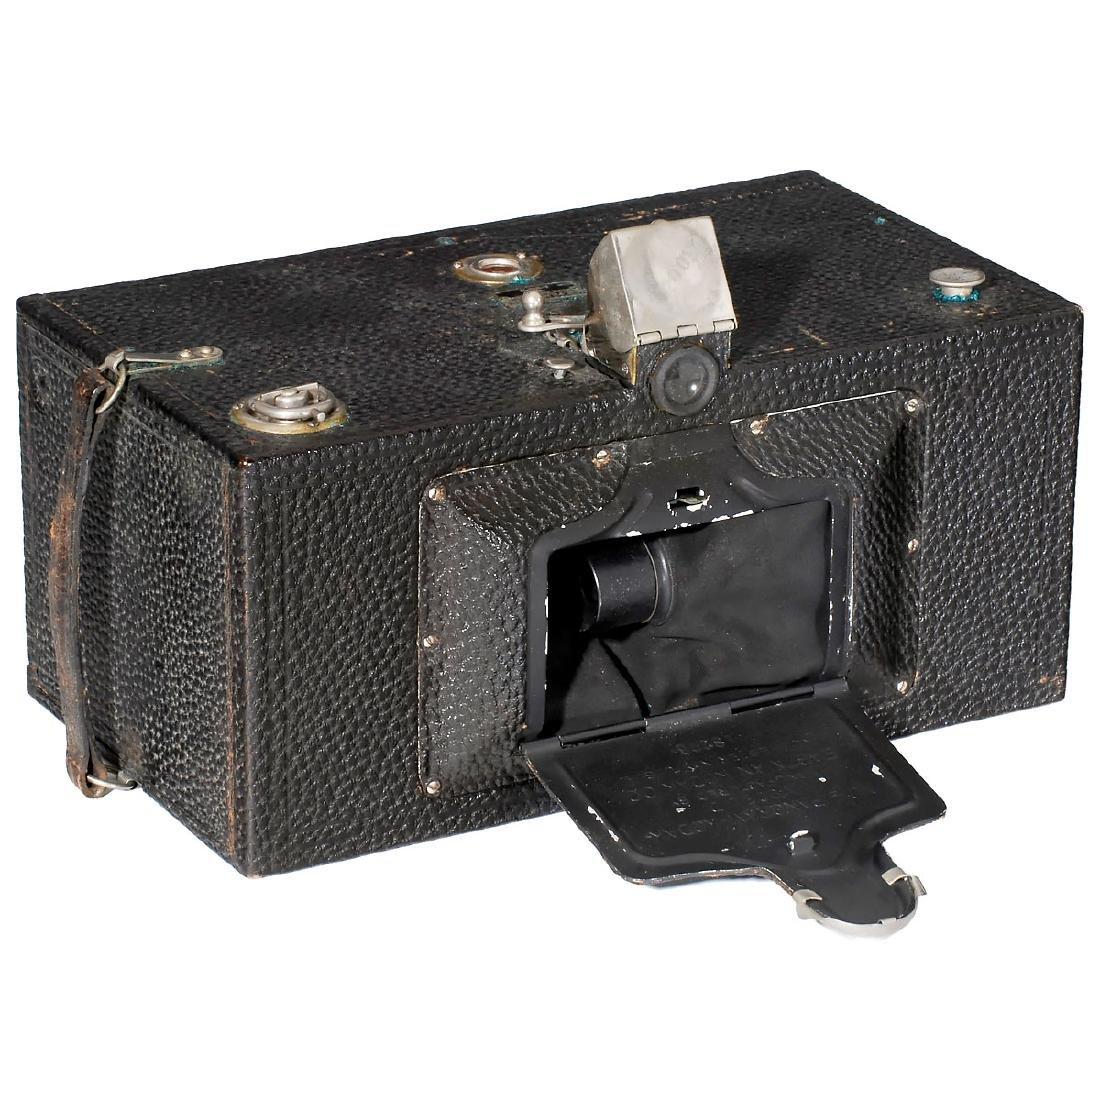 No. 4 Panoram-Kodak, c. 1900